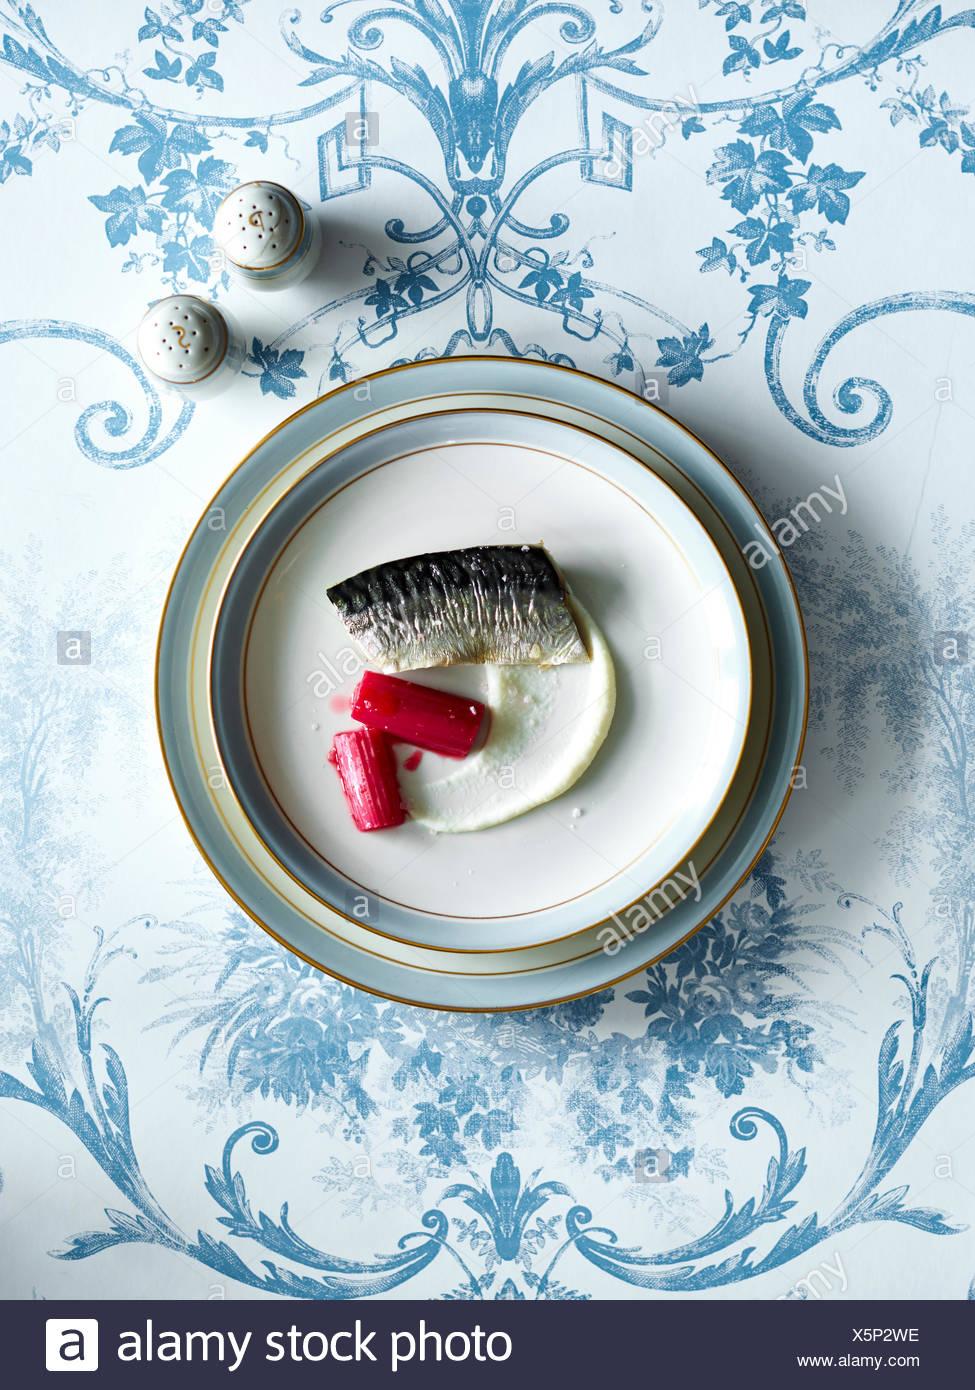 Nouvelle cuisine fish dish - Stock Image